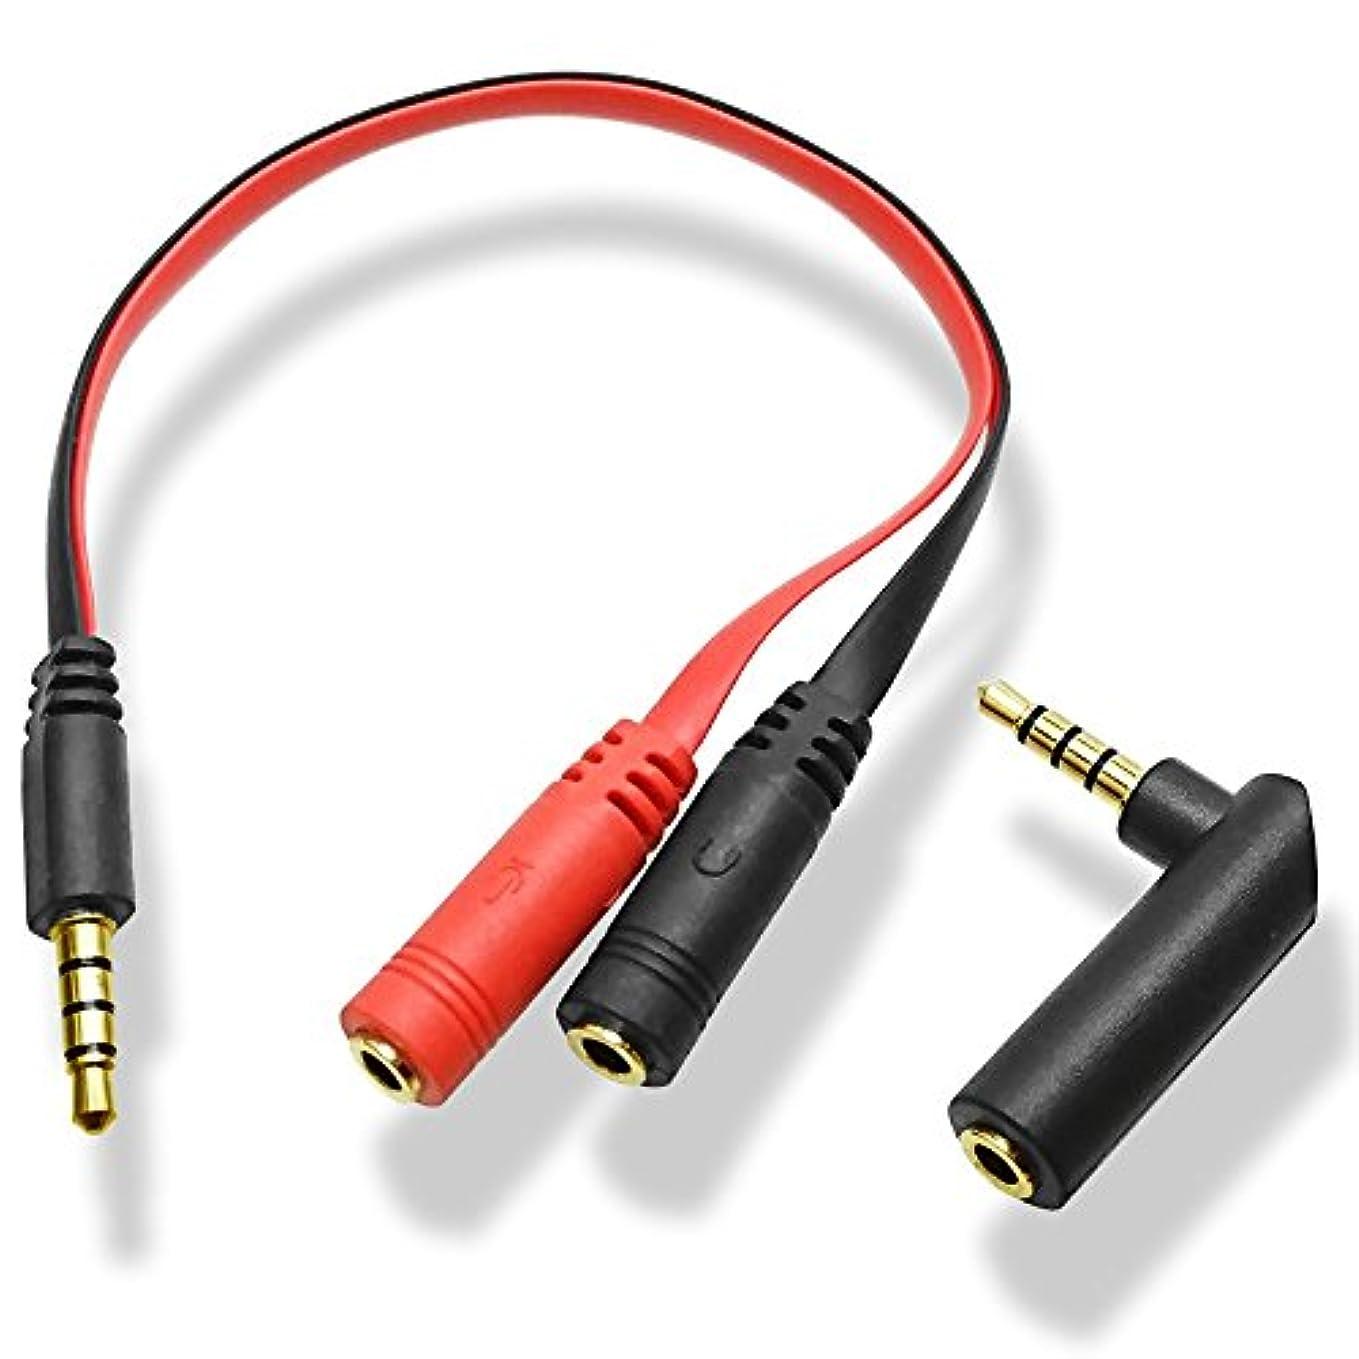 学習者着服悪党3.5mm4極 音声?マイク分岐ケーブル CTIA規格 (オス) - (メス/メス) + L型4極コネクタセット